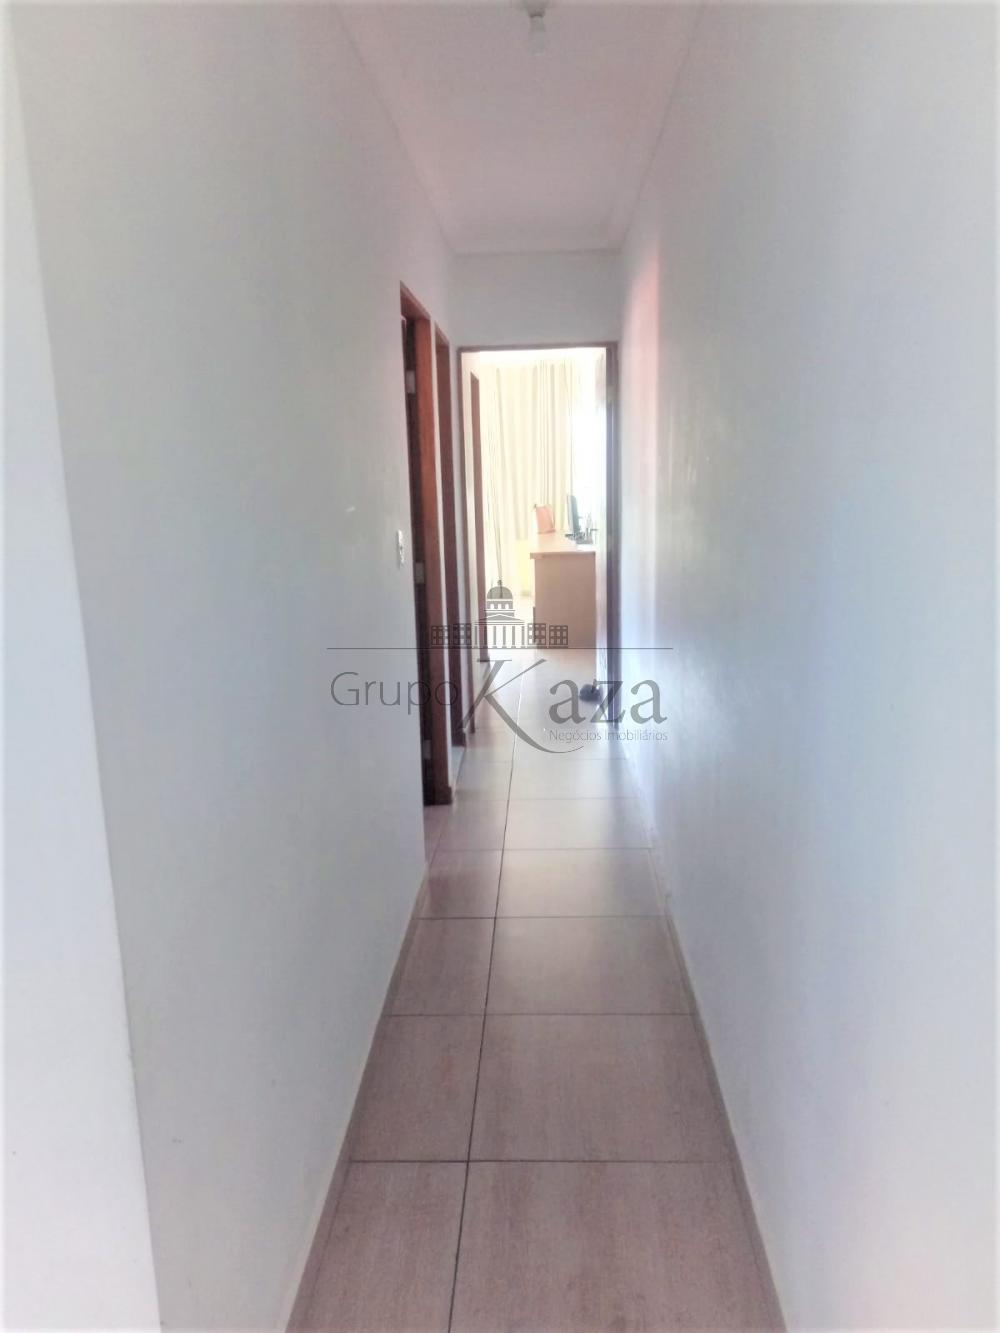 alt='Comprar Casa / Sobrado em São José dos Campos R$ 430.000,00 - Foto 2' title='Comprar Casa / Sobrado em São José dos Campos R$ 430.000,00 - Foto 2'